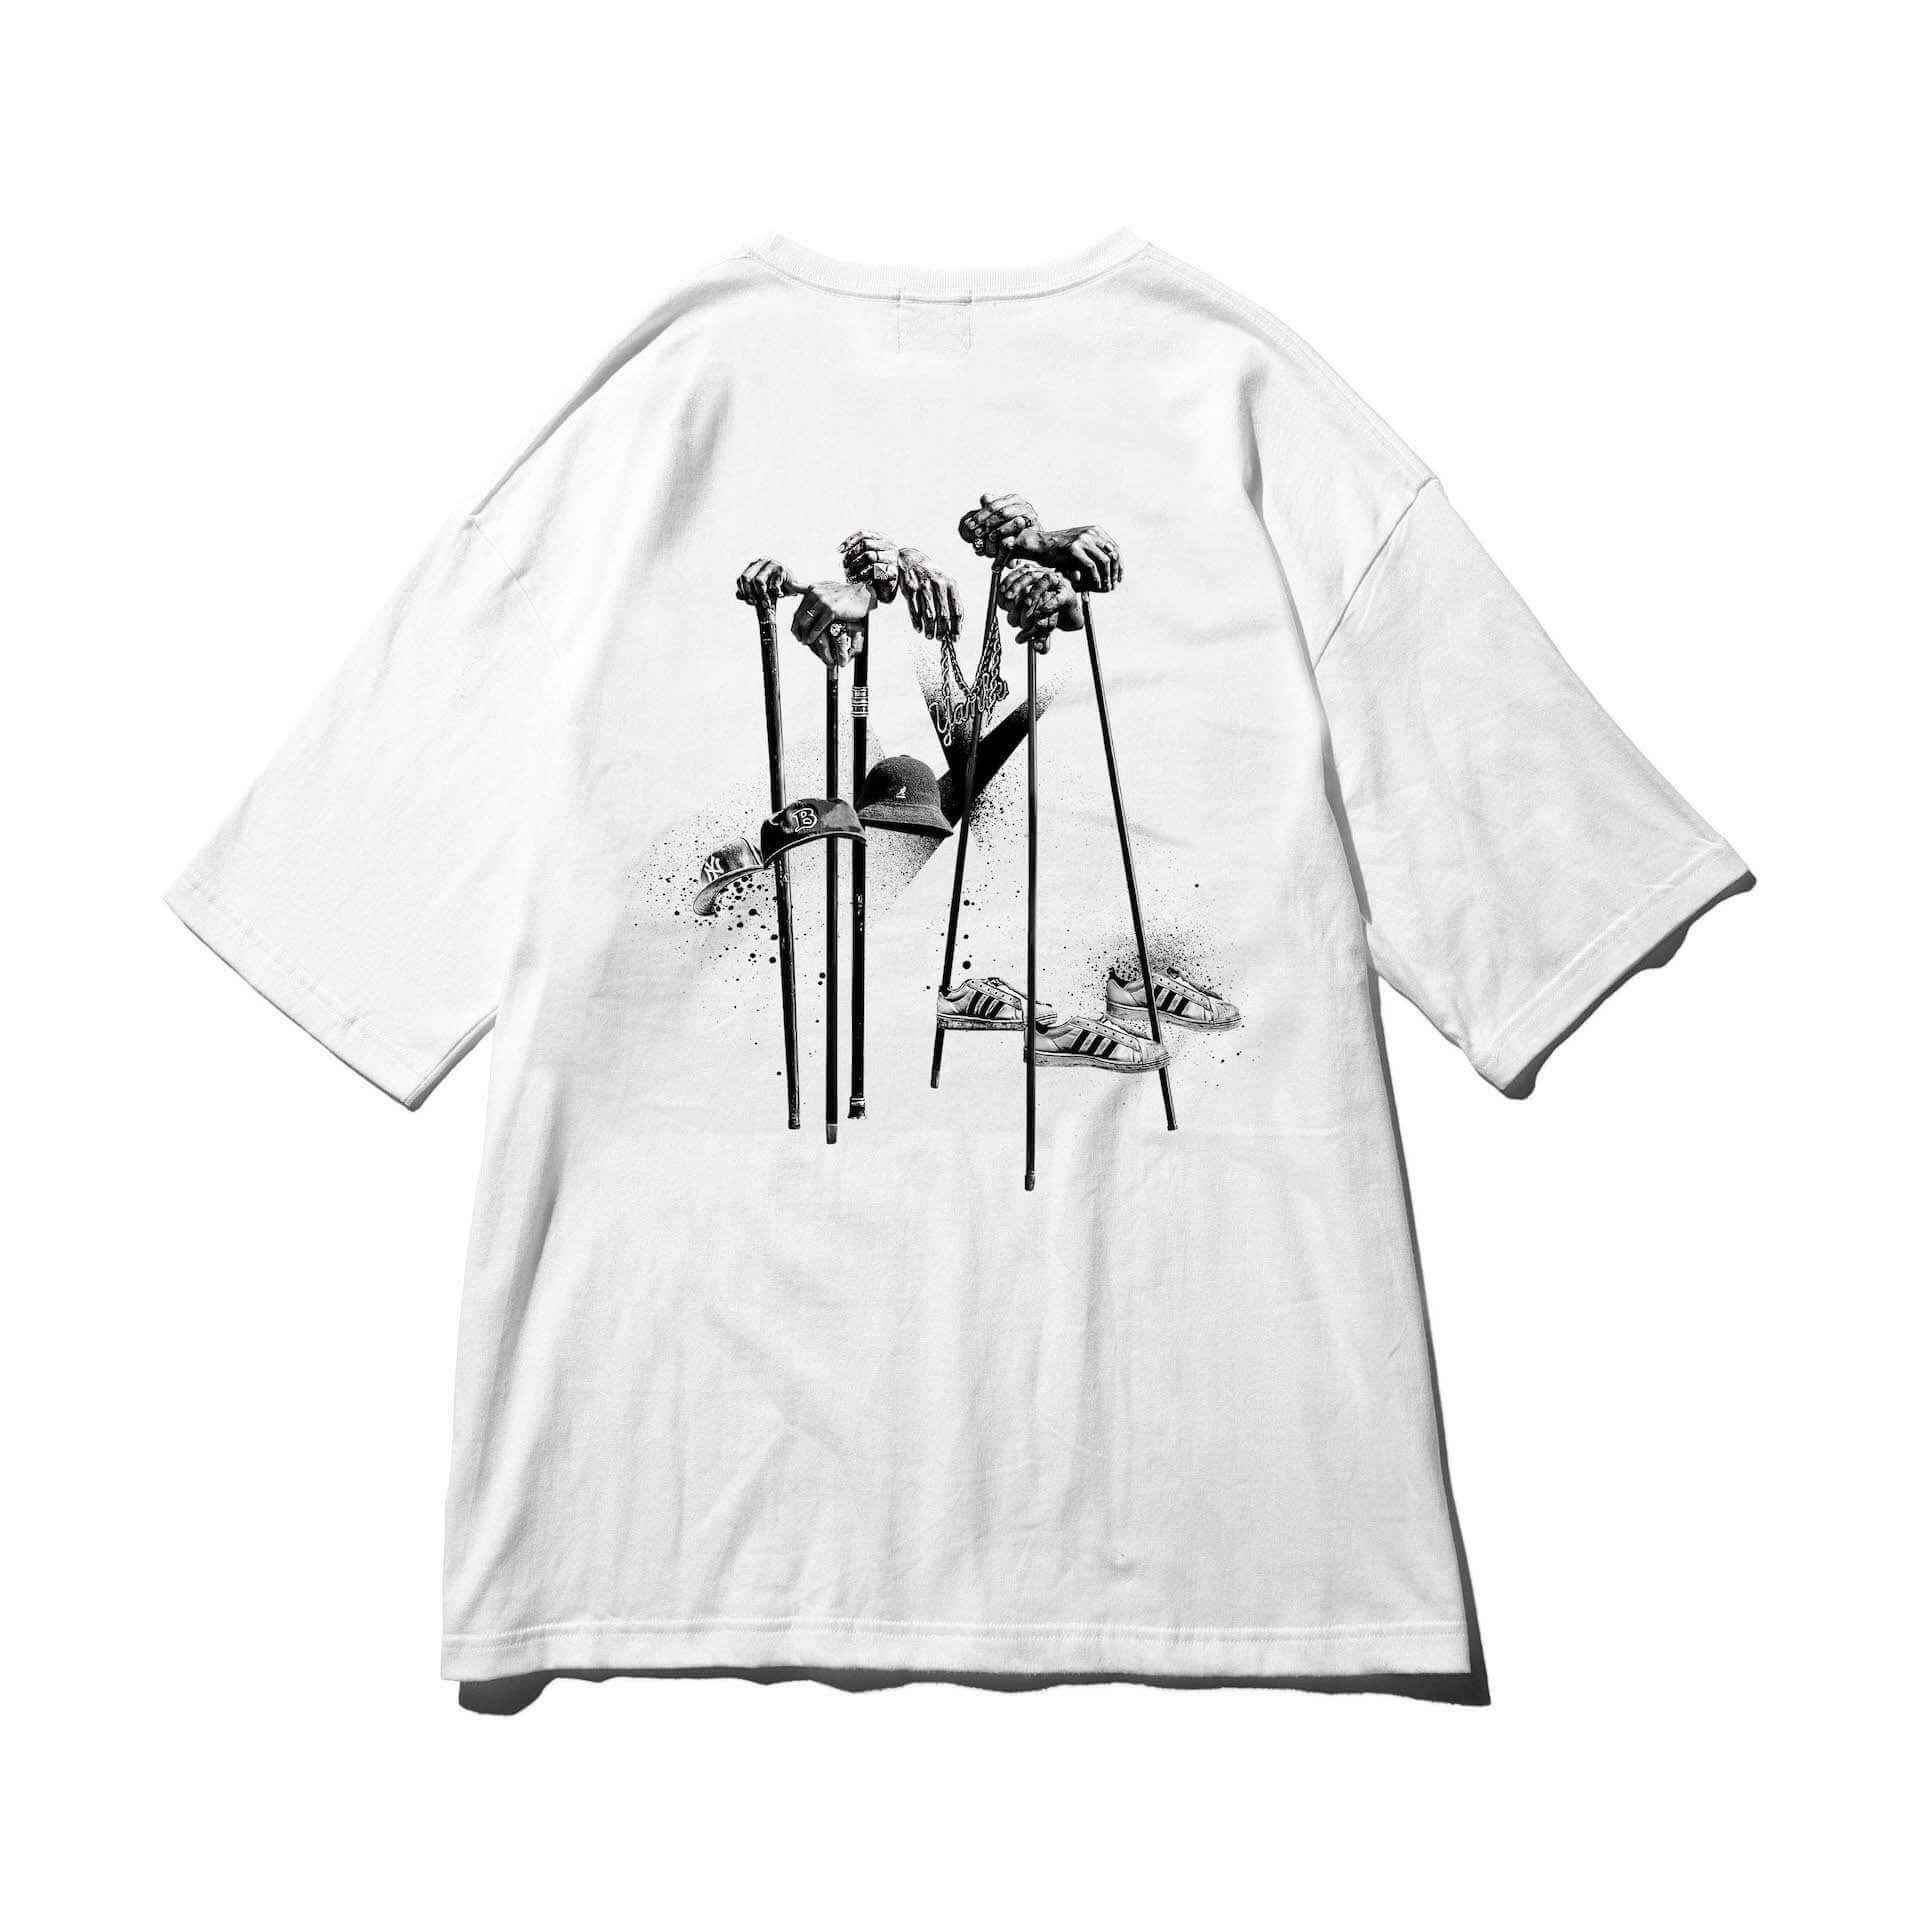 """スチャダラパーとライムスターによるコラボ曲""""Forever Young""""のTシャツがリリース!ビッグシルエットの白/黒ボディが登場 lf201224_sdp-rhymester_4-1920x1920"""